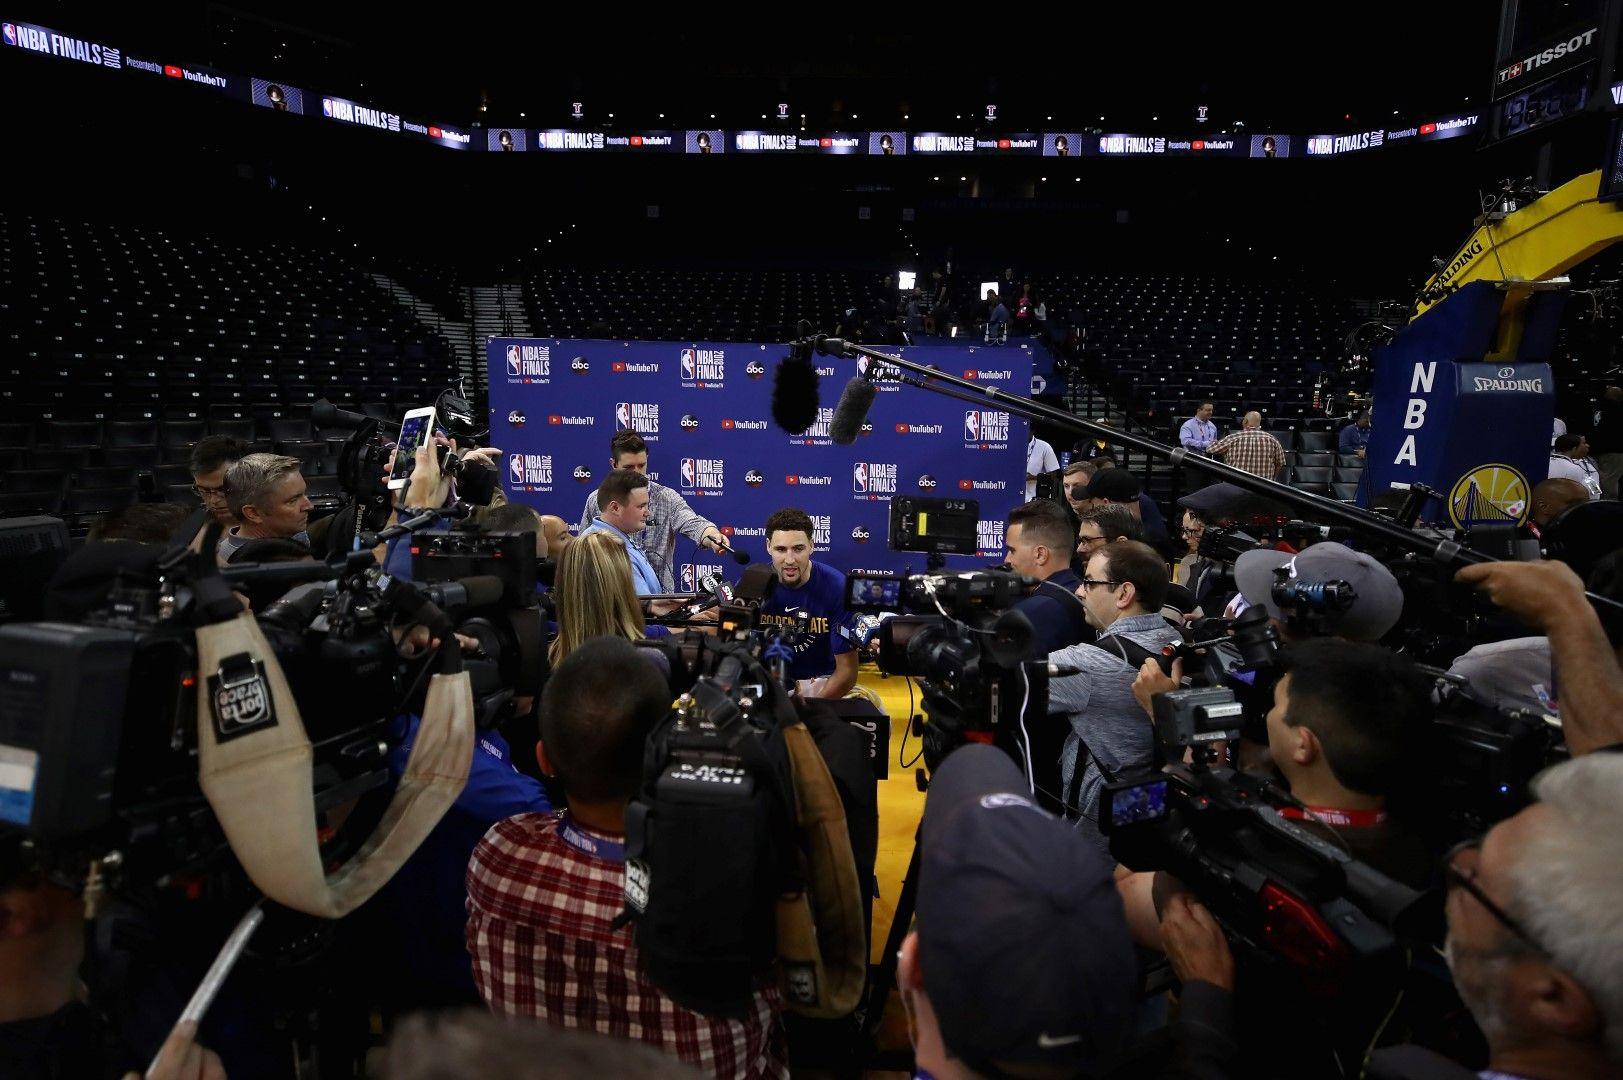 Медийните изяви на шампионите са следени от десетки репортери в часовете преди първия двубой.